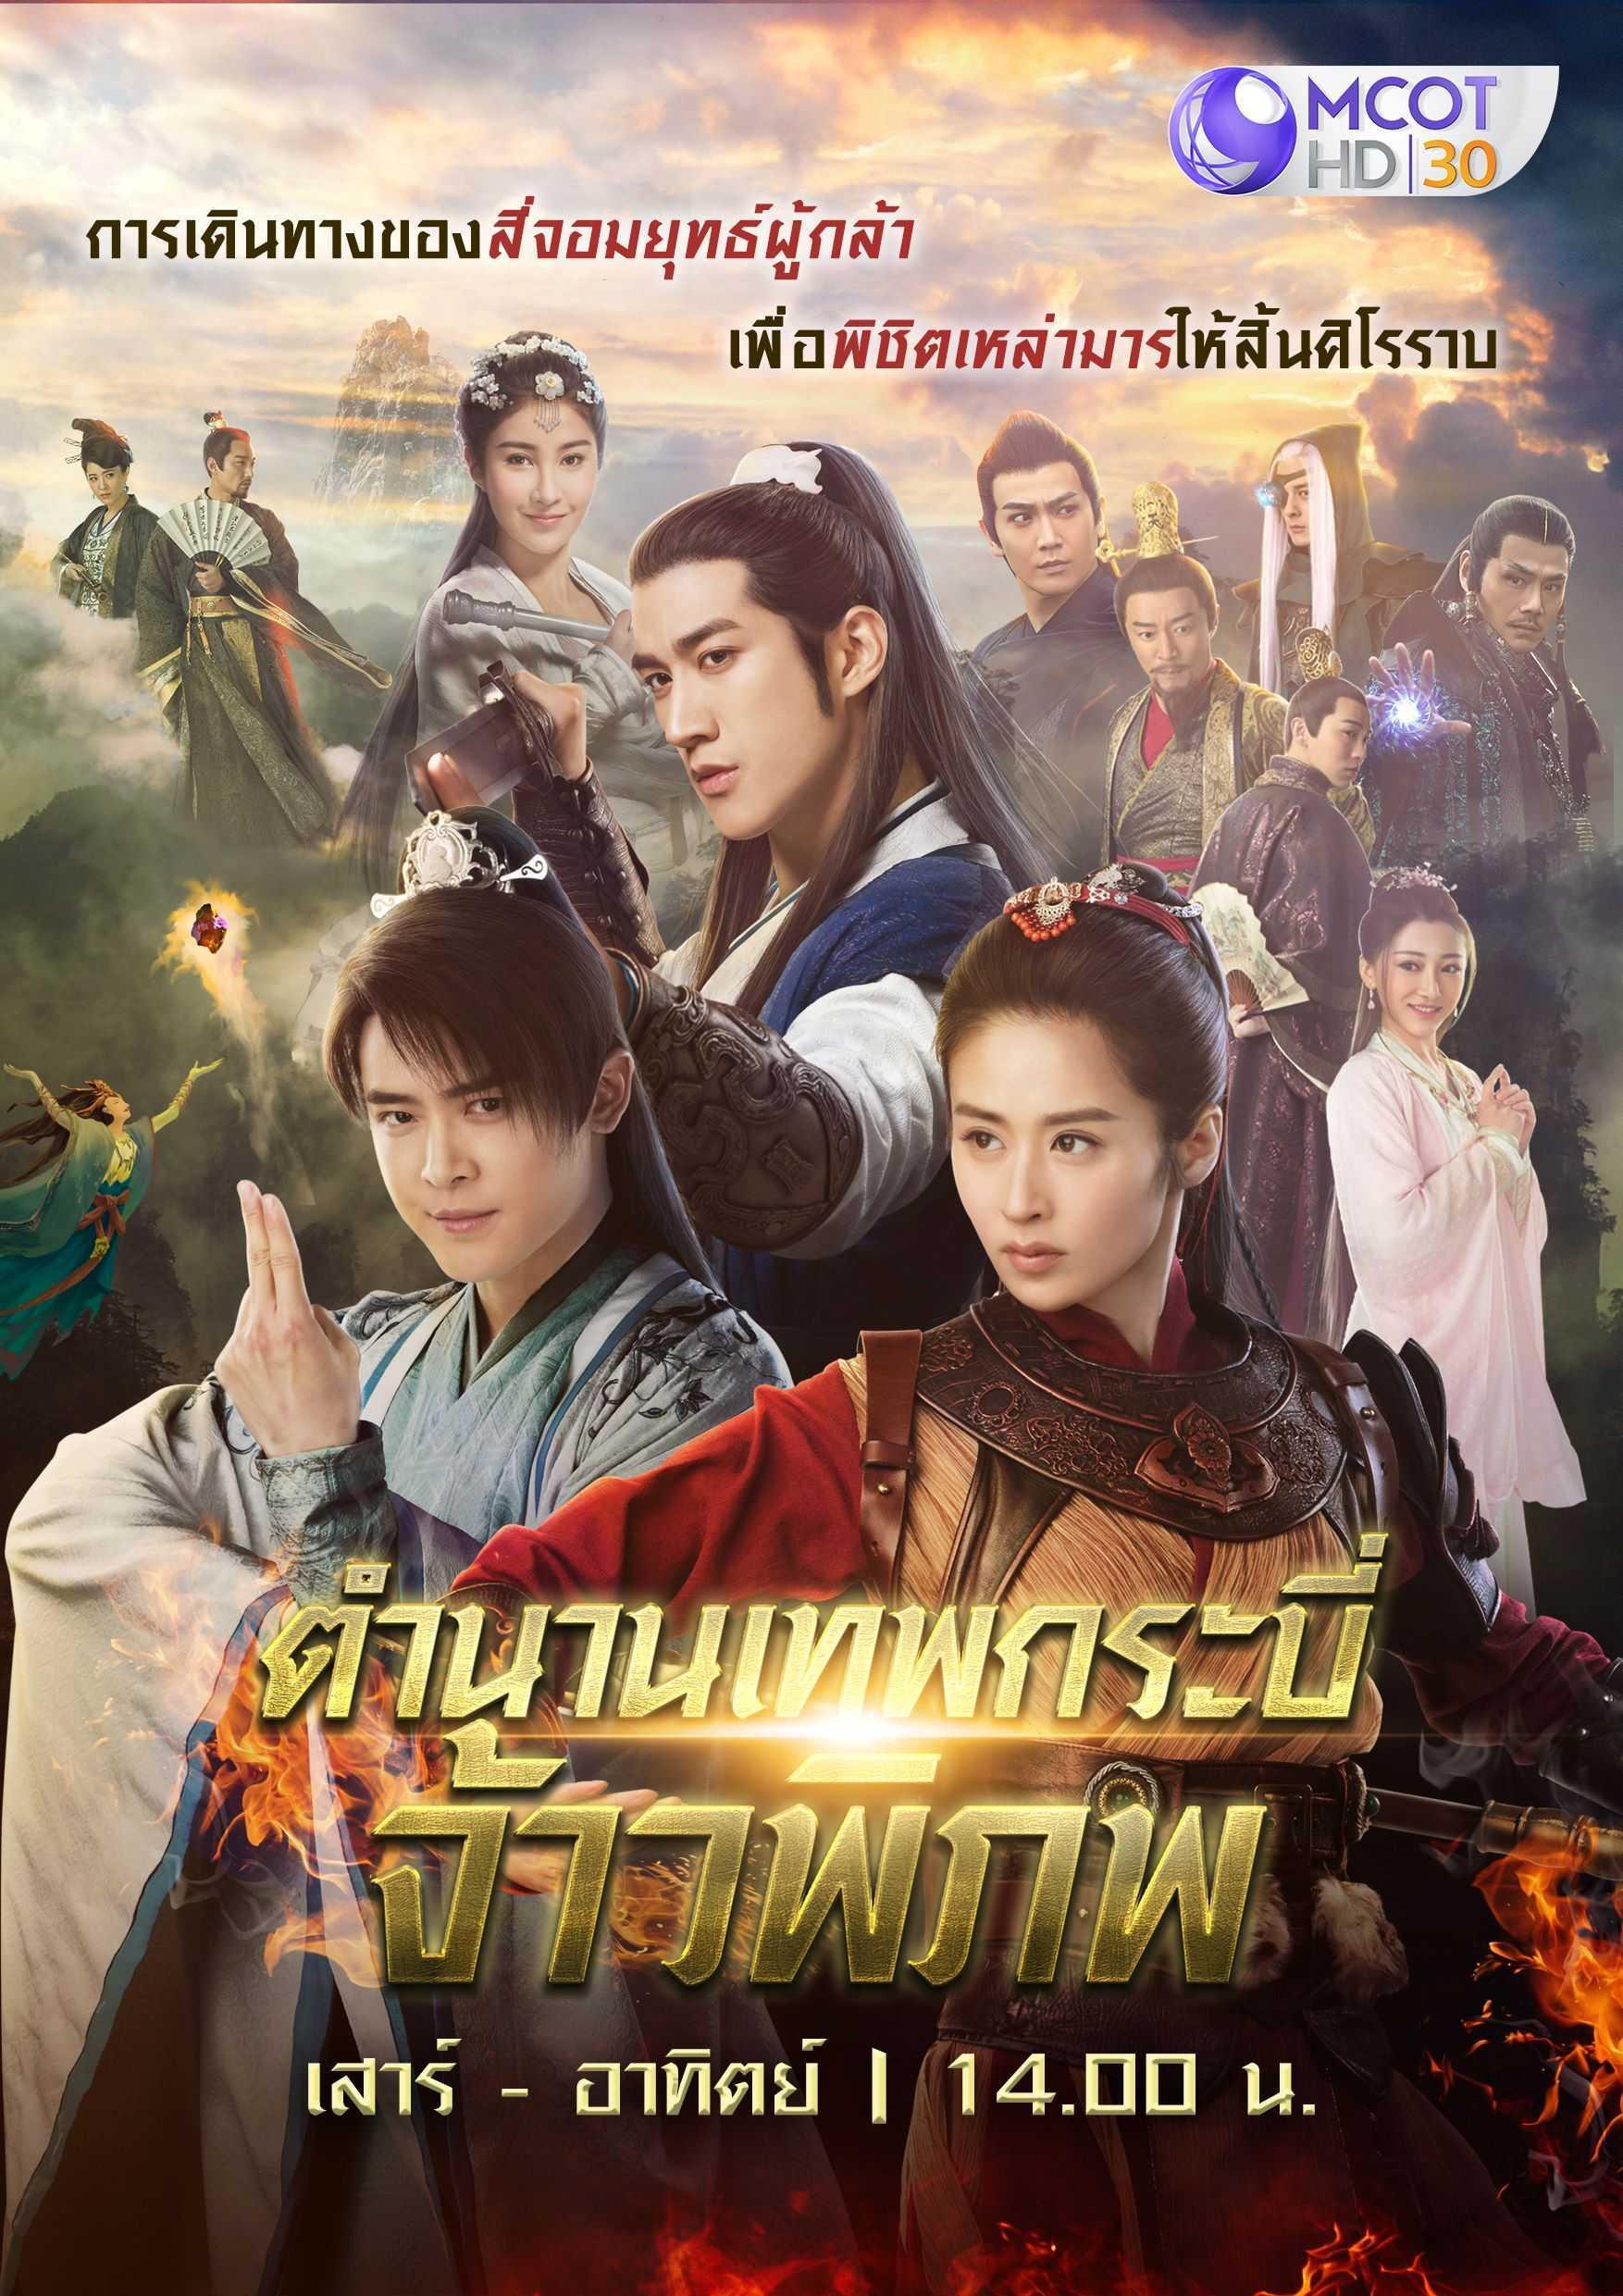 มหัศจรรย์กระบี่เจ้าพิภพ-2-swords-of-legends-ii-2021-ตอนที่-1-48-พากย์ไทย-ยังไม่จบ-